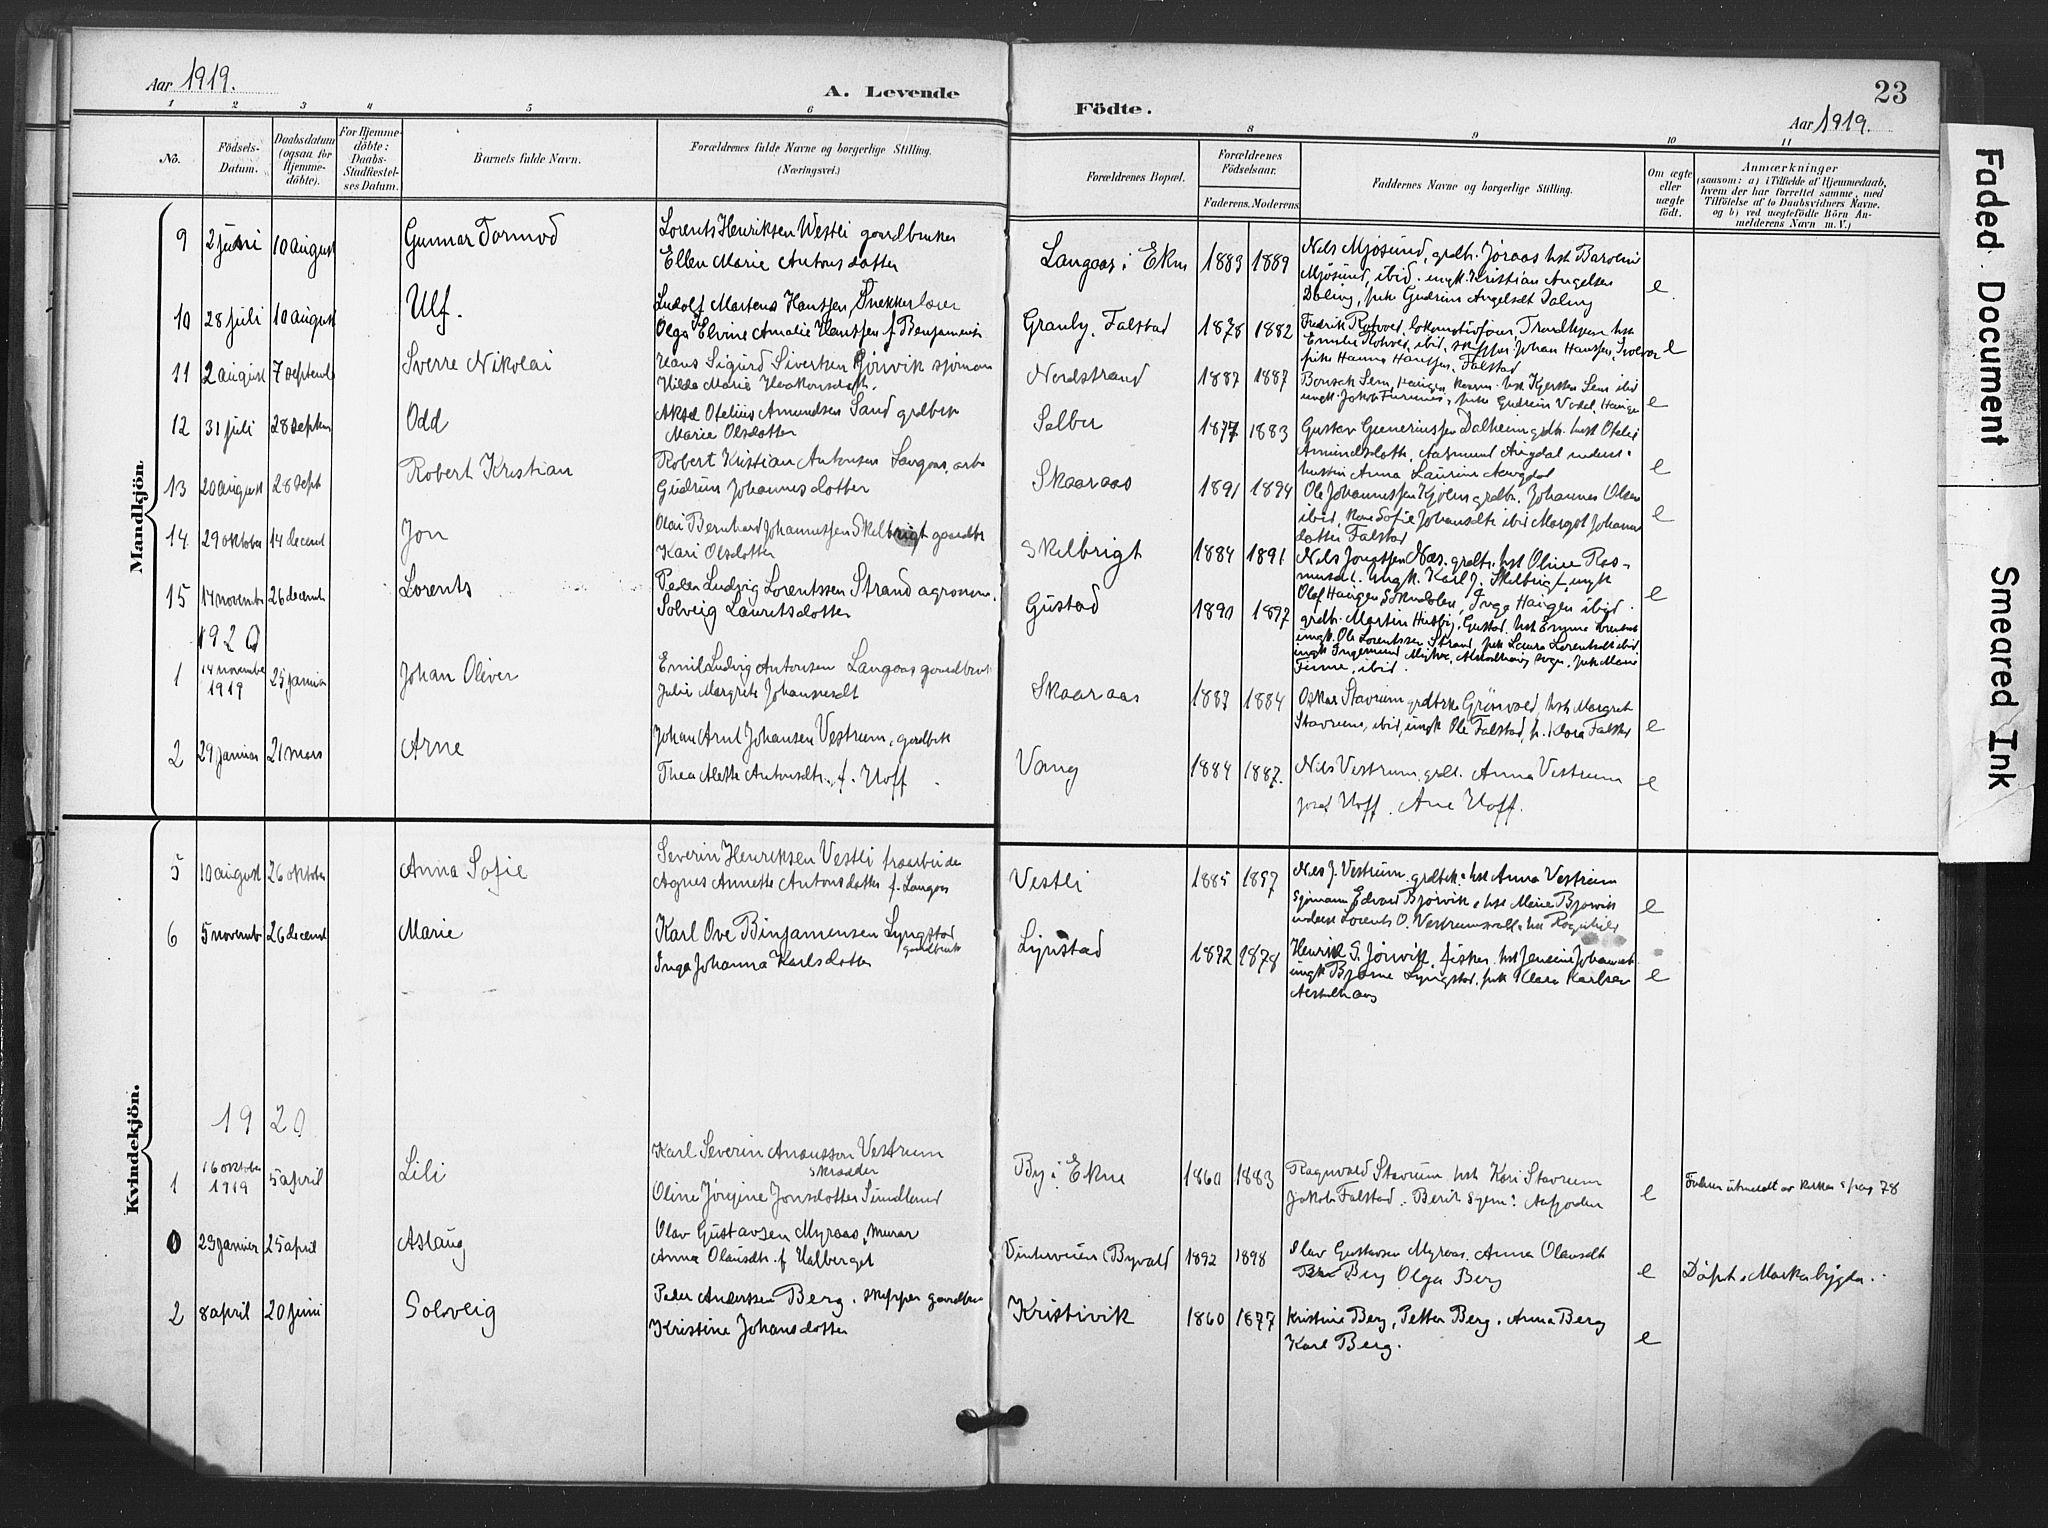 SAT, Ministerialprotokoller, klokkerbøker og fødselsregistre - Nord-Trøndelag, 719/L0179: Ministerialbok nr. 719A02, 1901-1923, s. 23